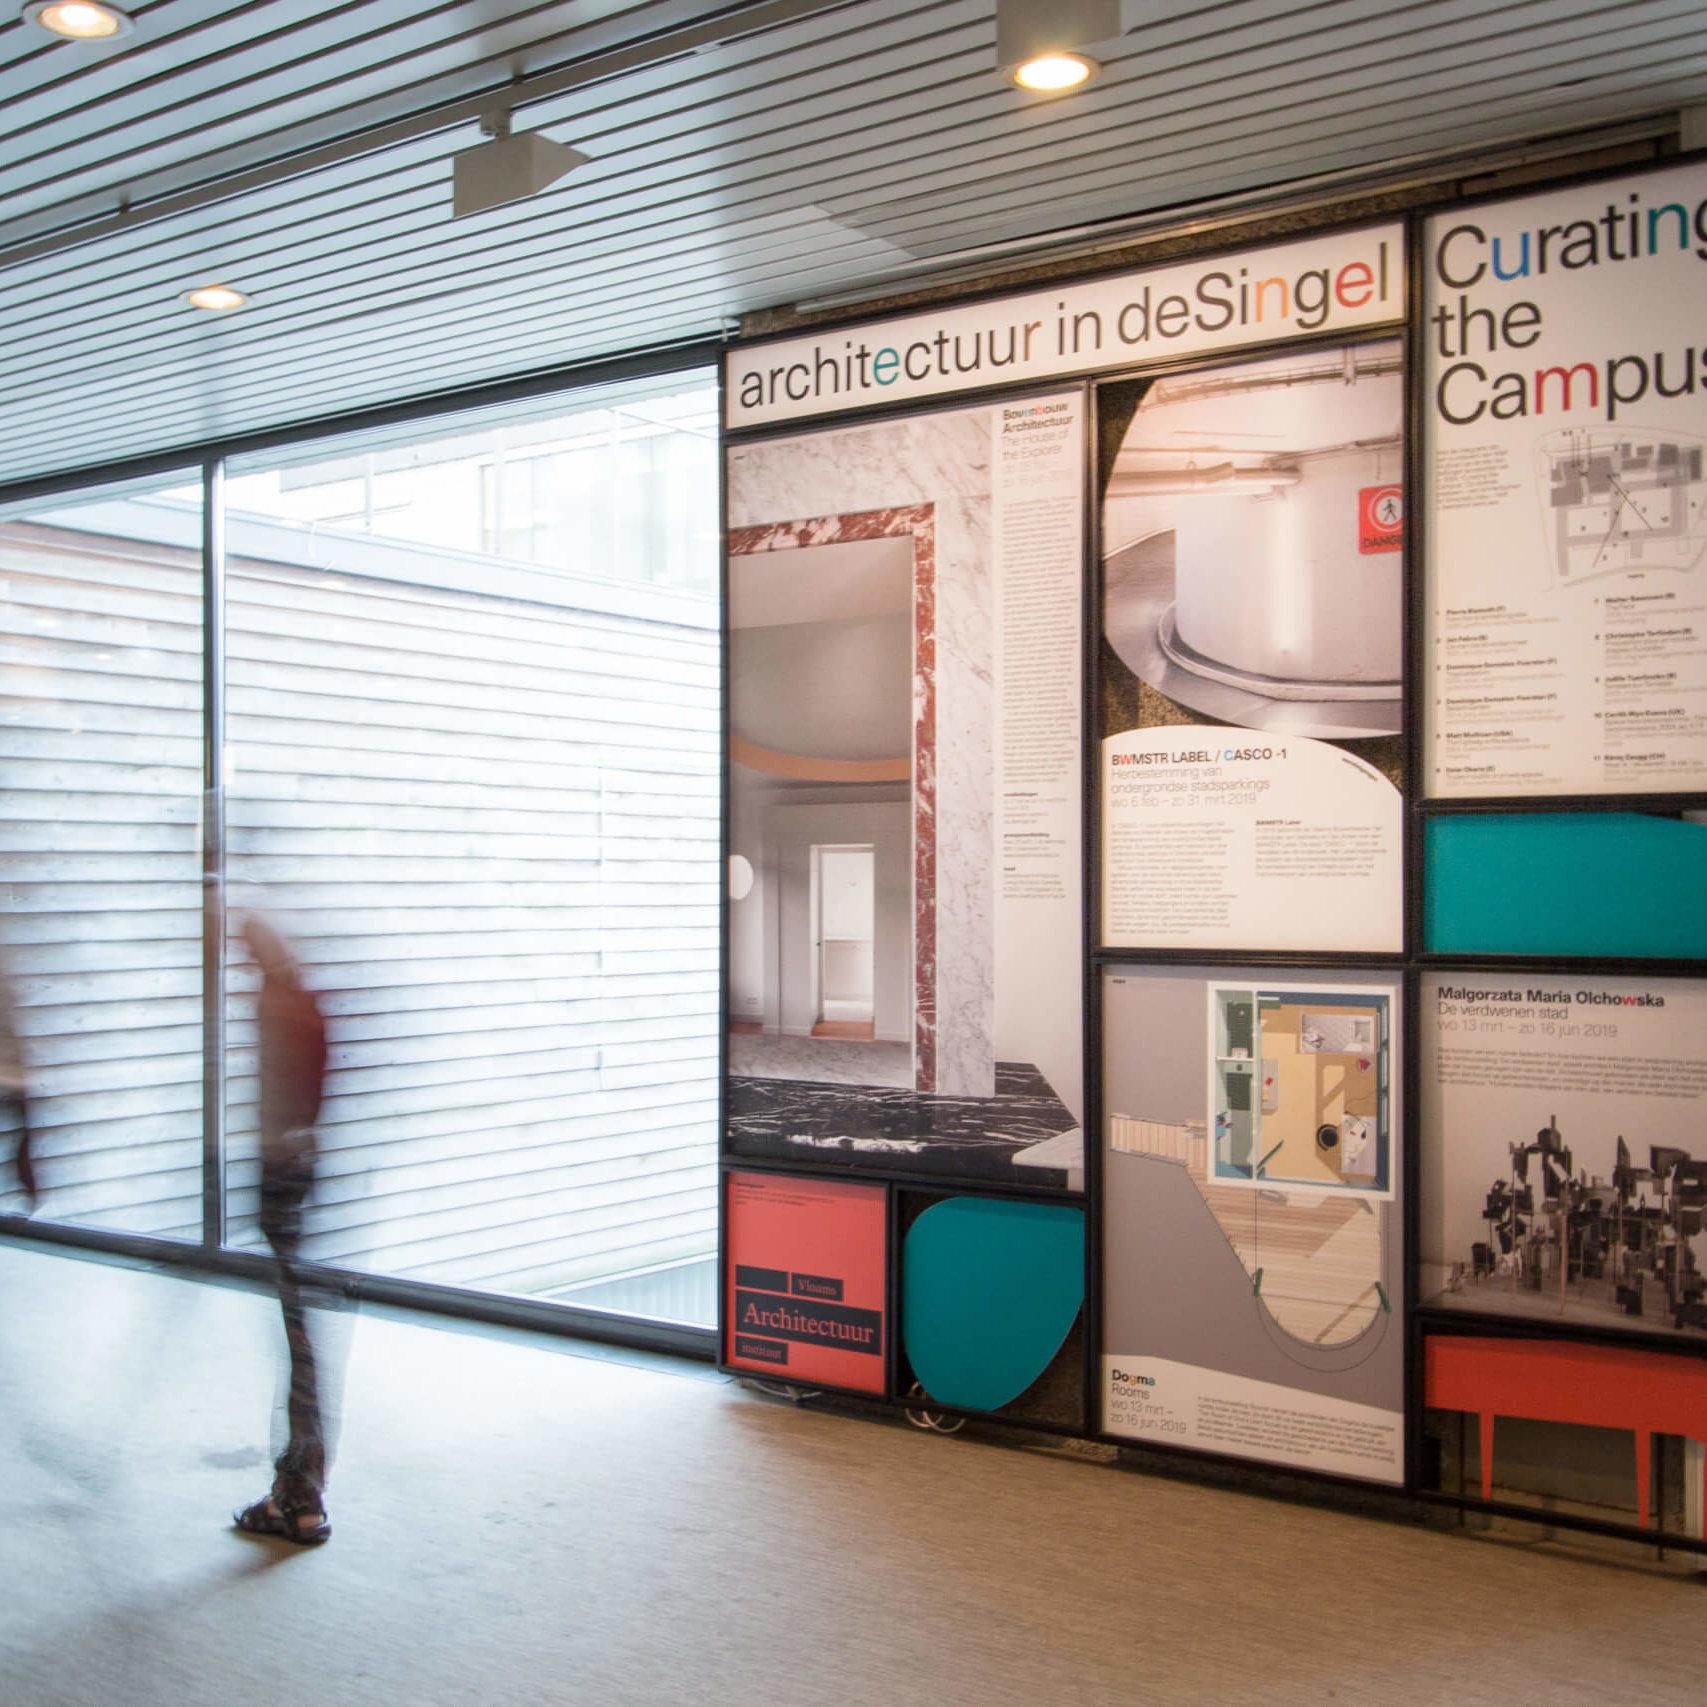 De posterwand in de hal van kunstsite deSingel. Een van de communicatietools die Studio Dott ontwierp voor deSingel.